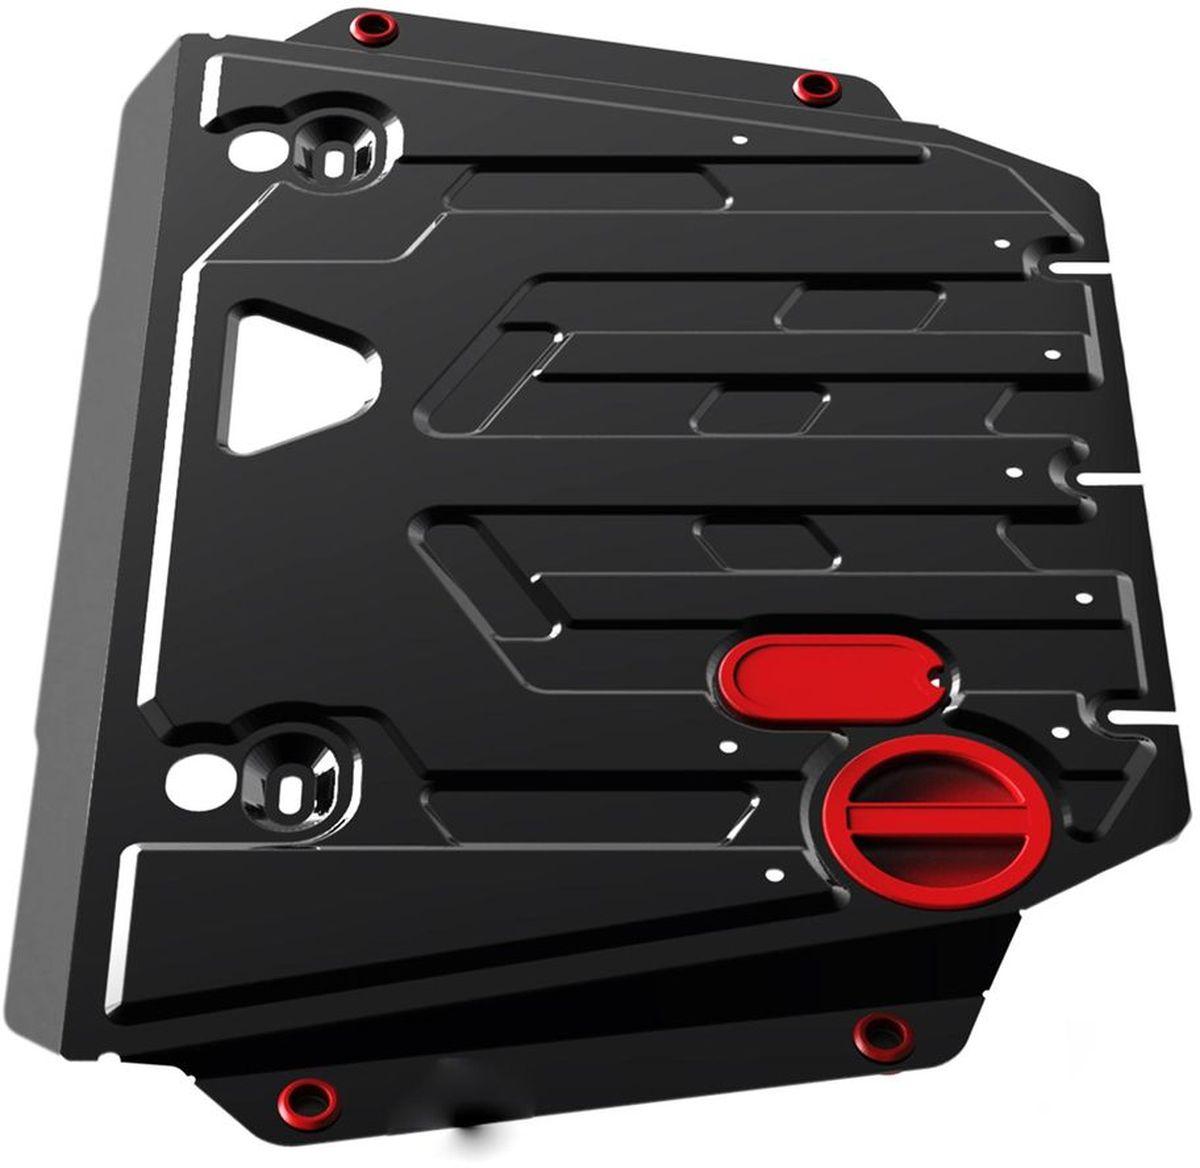 Защита картера Автоброня Ford Ranger 2007-2012/Mazda BT 50 2006-2012, сталь 2 мм111.01821.1Защита картера Автоброня для Ford Ranger, V - 2,5Т 2007-2012/Mazda BT 50, V - 2,5 2006-2012, сталь 2 мм, комплект крепежа, 111.01821.1Дополнительно можно приобрести другие защитные элементы из комплекта: защита КПП - 111.01809.1, защита РК - 111.01810.1Стальные защиты Автоброня надежно защищают ваш автомобиль от повреждений при наезде на бордюры, выступающие канализационные люки, кромки поврежденного асфальта или при ремонте дорог, не говоря уже о загородных дорогах.- Имеют оптимальное соотношение цена-качество.- Спроектированы с учетом особенностей автомобиля, что делает установку удобной.- Защита устанавливается в штатные места кузова автомобиля.- Является надежной защитой для важных элементов на протяжении долгих лет.- Глубокий штамп дополнительно усиливает конструкцию защиты.- Подштамповка в местах крепления защищает крепеж от срезания.- Технологические отверстия там, где они необходимы для смены масла и слива воды, оборудованные заглушками, закрепленными на защите.Толщина стали 2 мм.В комплекте крепеж и инструкция по установке.Уважаемые клиенты!Обращаем ваше внимание на тот факт, что защита имеет форму, соответствующую модели данного автомобиля. Наличие глубокого штампа и лючков для смены фильтров/масла предусмотрено не на всех защитах. Фото служит для визуального восприятия товара.